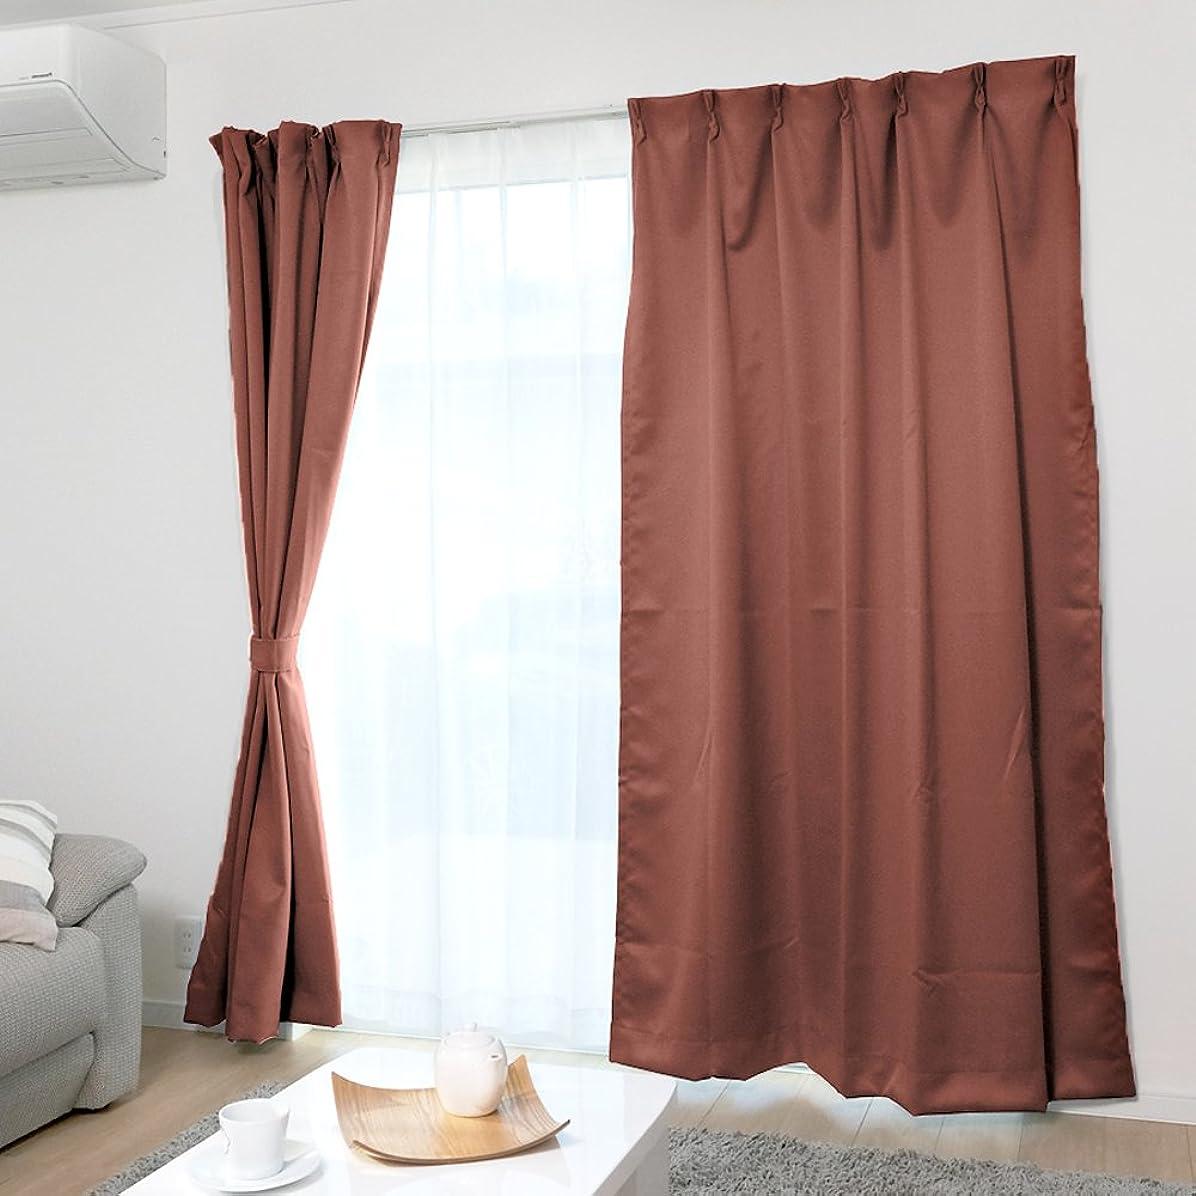 彫るダンプ対処する【全70種】カーテン 1級遮光 ドレープカーテン 断熱 保温 洗える 幅100cm×丈210cm 2枚組 ブラウン